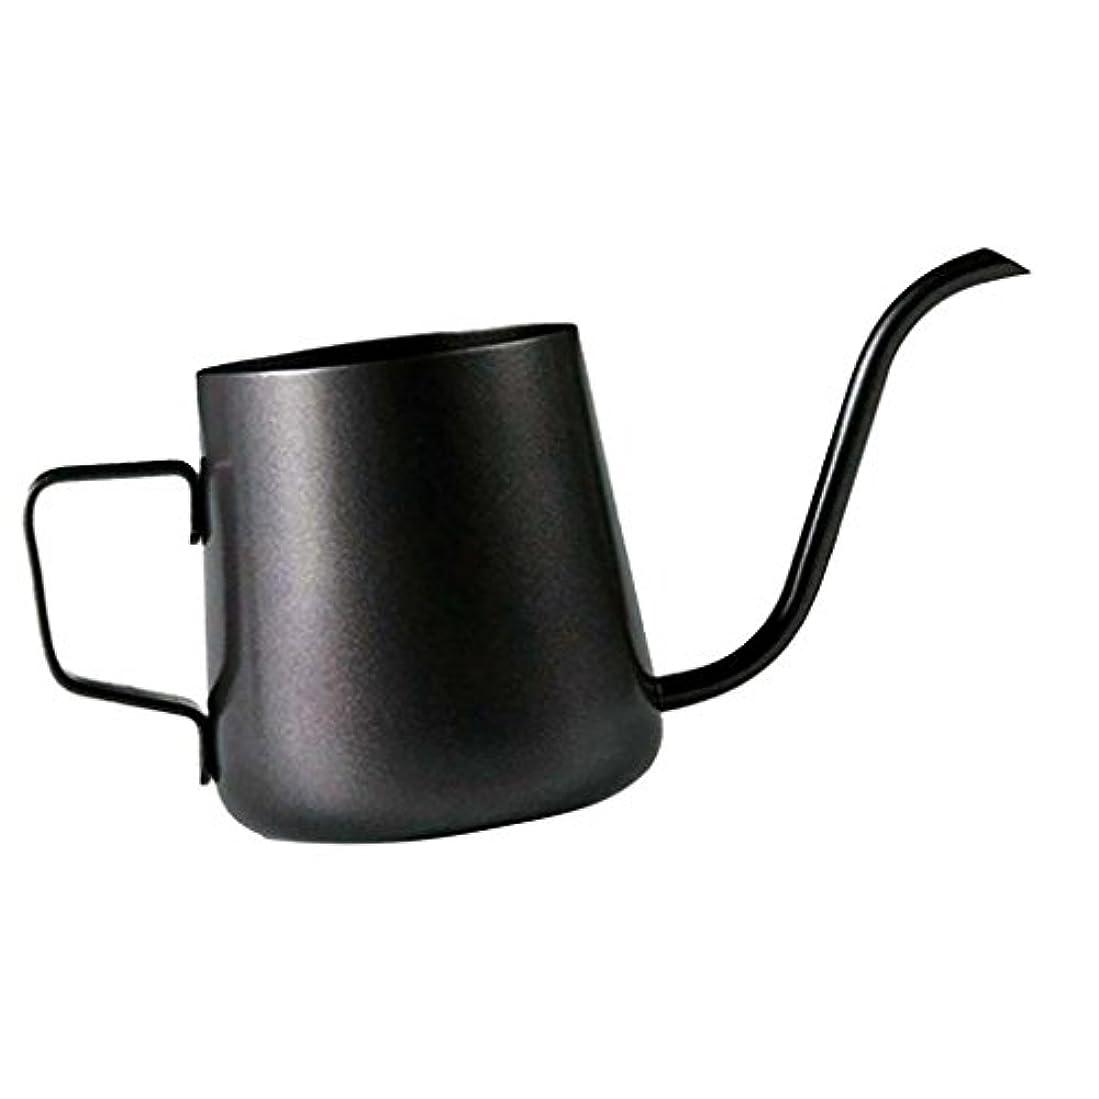 荒れ地報告書締め切りHomeland コーヒーポット お茶などにも対応 クッキング用品 ステンレス製 エスプレッソポット ケトル - ブラック, 250ミリリットル